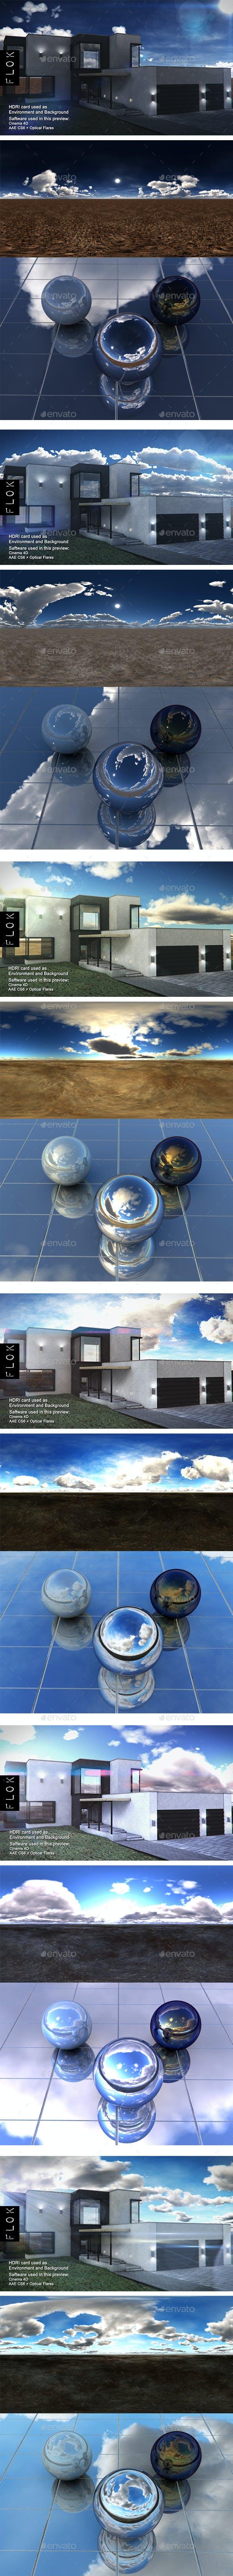 HDRI Pack - Desert vol 18 - 3DOcean Item for Sale